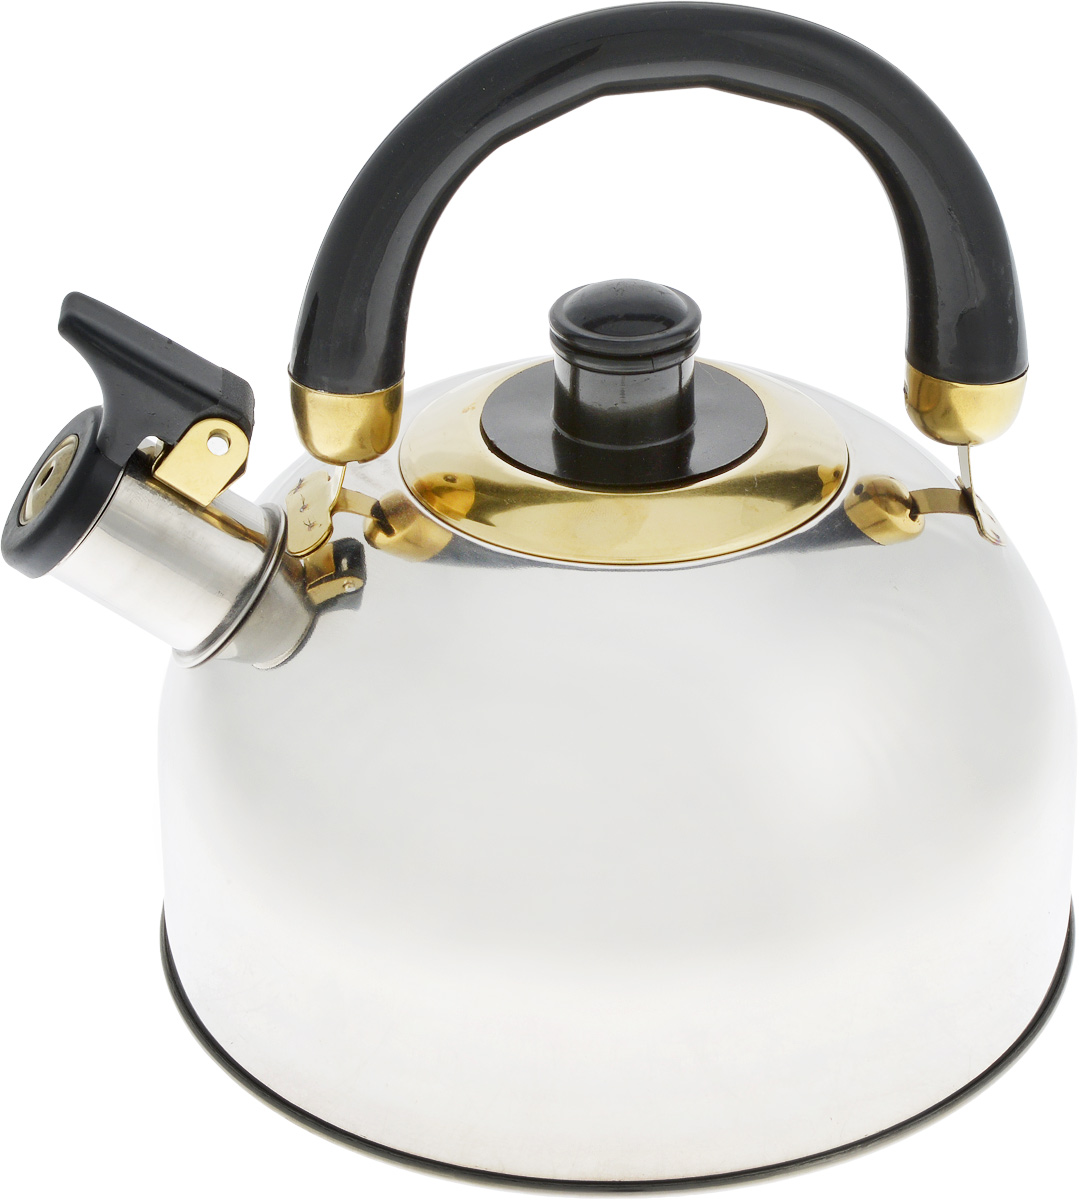 Чайник Bohmann, со свистком, 2,5 л099BHLЧайник Bohmann изготовлен из нержавеющей хромоникелевой стали с зеркальной полировкой. Высококачественная сталь представляет собой материал, из которого в течение нескольких десятилетий во всем мире производятся столовые приборы, кухонные инструменты и различные аксессуары. Этот материал обладает высокой стойкостью к коррозии и кислотам. Прочность, долговечность и надежность этого материала, а также первоклассная обработка обеспечивают практически неограниченный запас прочности и неизменно привлекательный внешний вид. Чайник оснащен удобной ручкой из бакелита черного цвета. Ручка не нагревается, что предотвращает появление ожогов и обеспечивает безопасность использования. Носик чайника имеет откидной свисток для определения кипения. Можно использовать на всех типах плит, включая индукционные. Можно мыть в посудомоечной машине. Диаметр (по верхнему краю): 8,5 см.Высота чайника (без учета ручки): 11 см.Высота чайника (с учетом ручки): 20 см.Диаметр основания: 11,5 см.